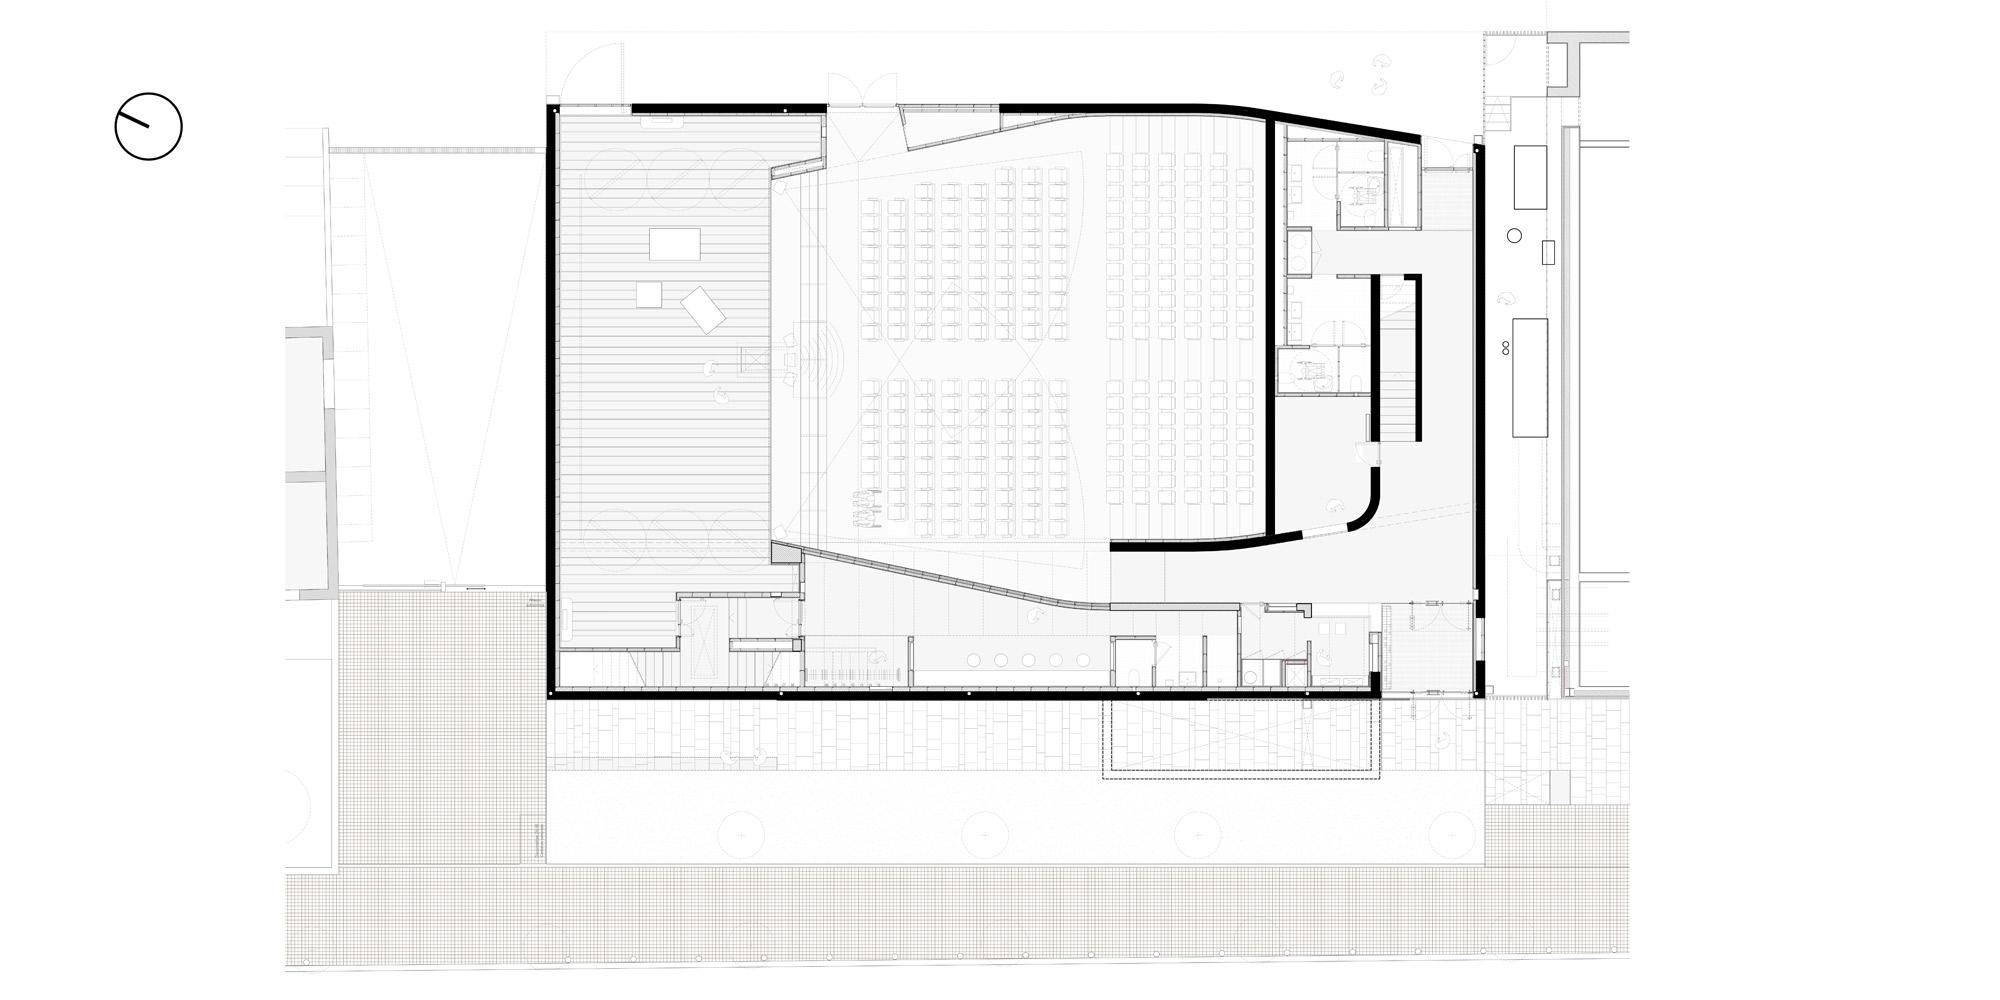 Pianta piano terra © PBeB Architetti